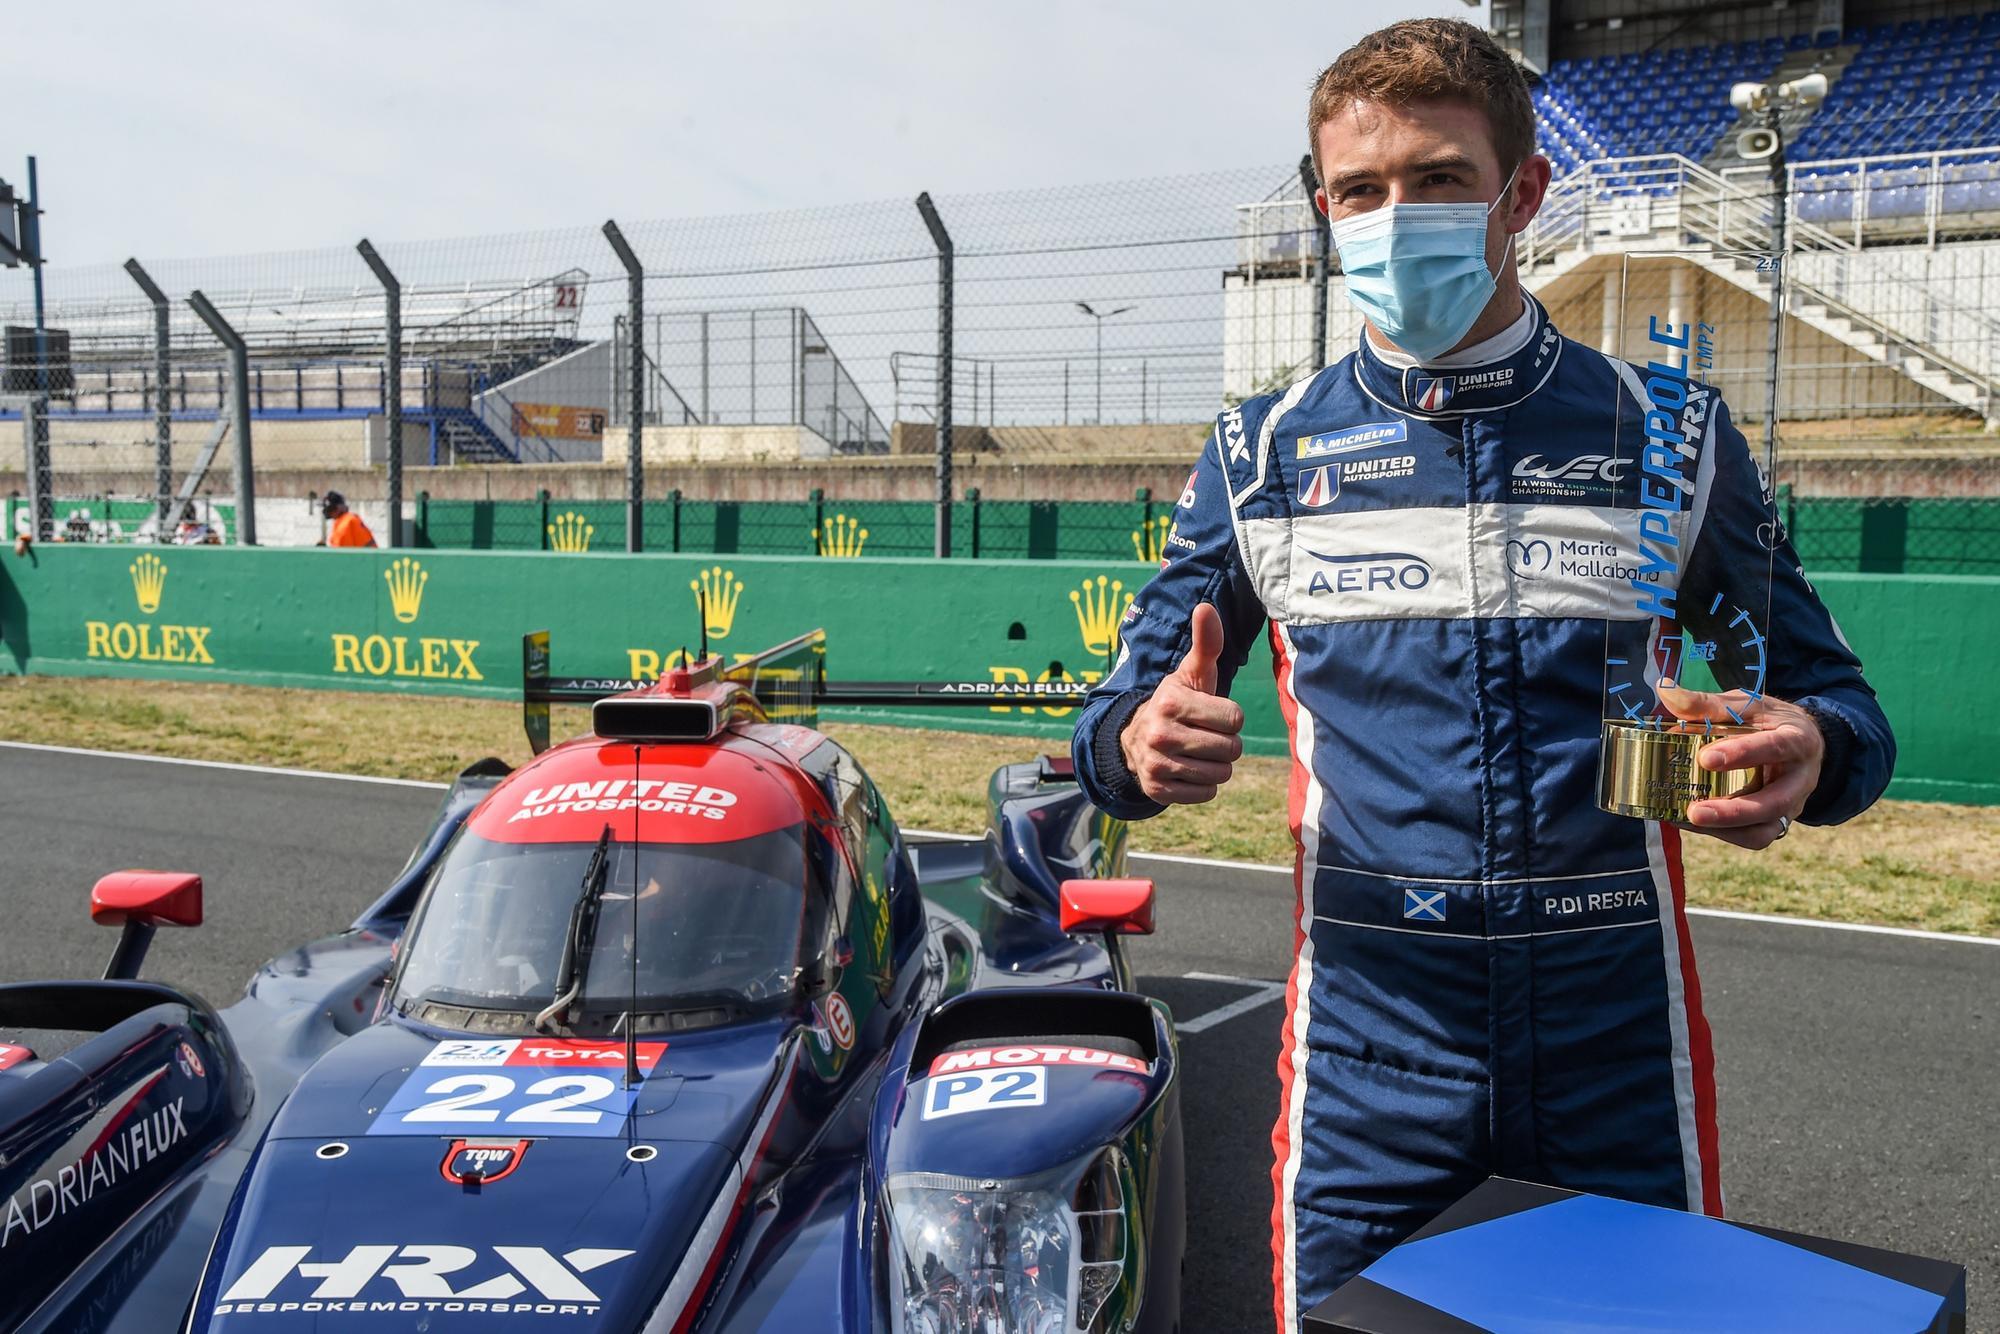 Scotland's Paul Di Resta wins at Le Mans 24 Hour race